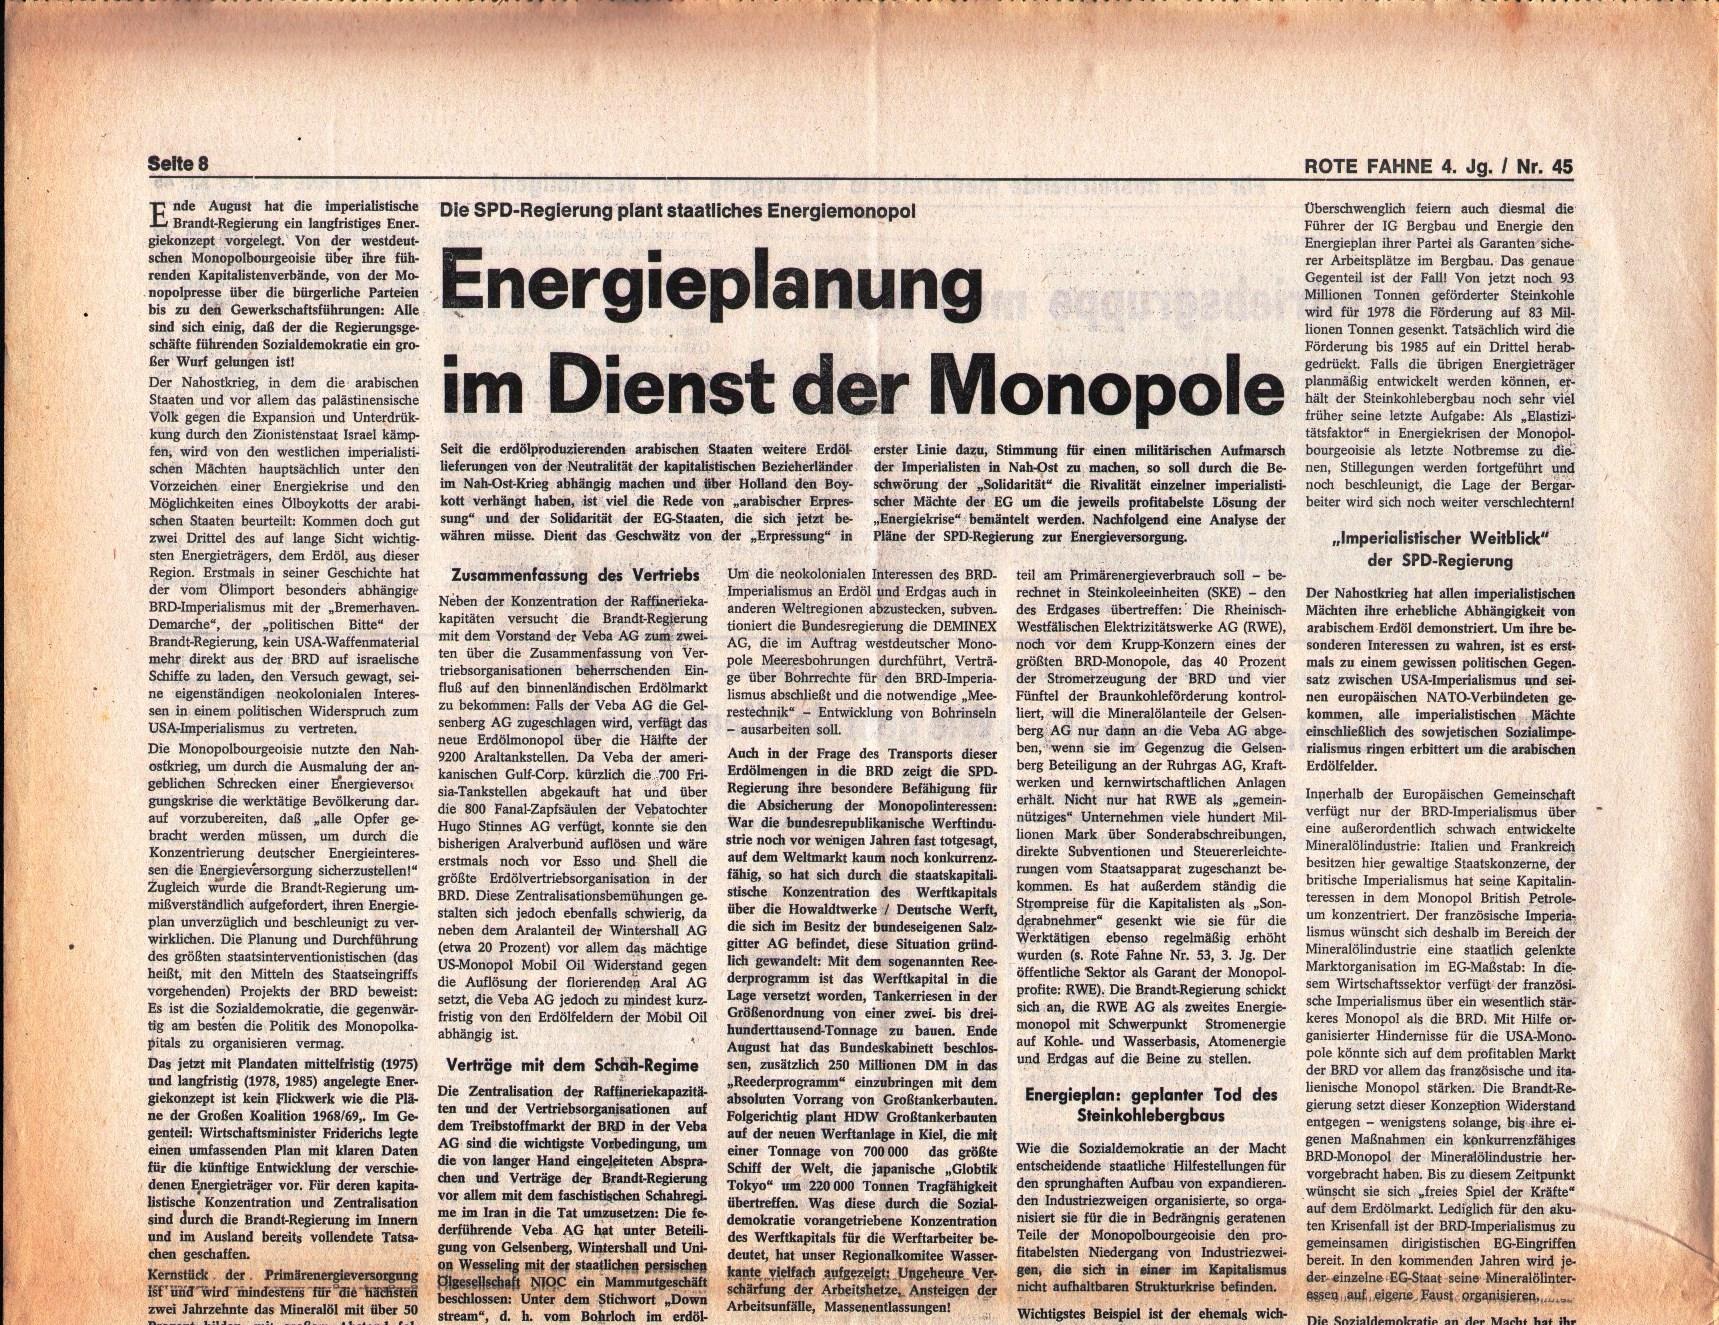 KPD_Rote_Fahne_1973_45_15